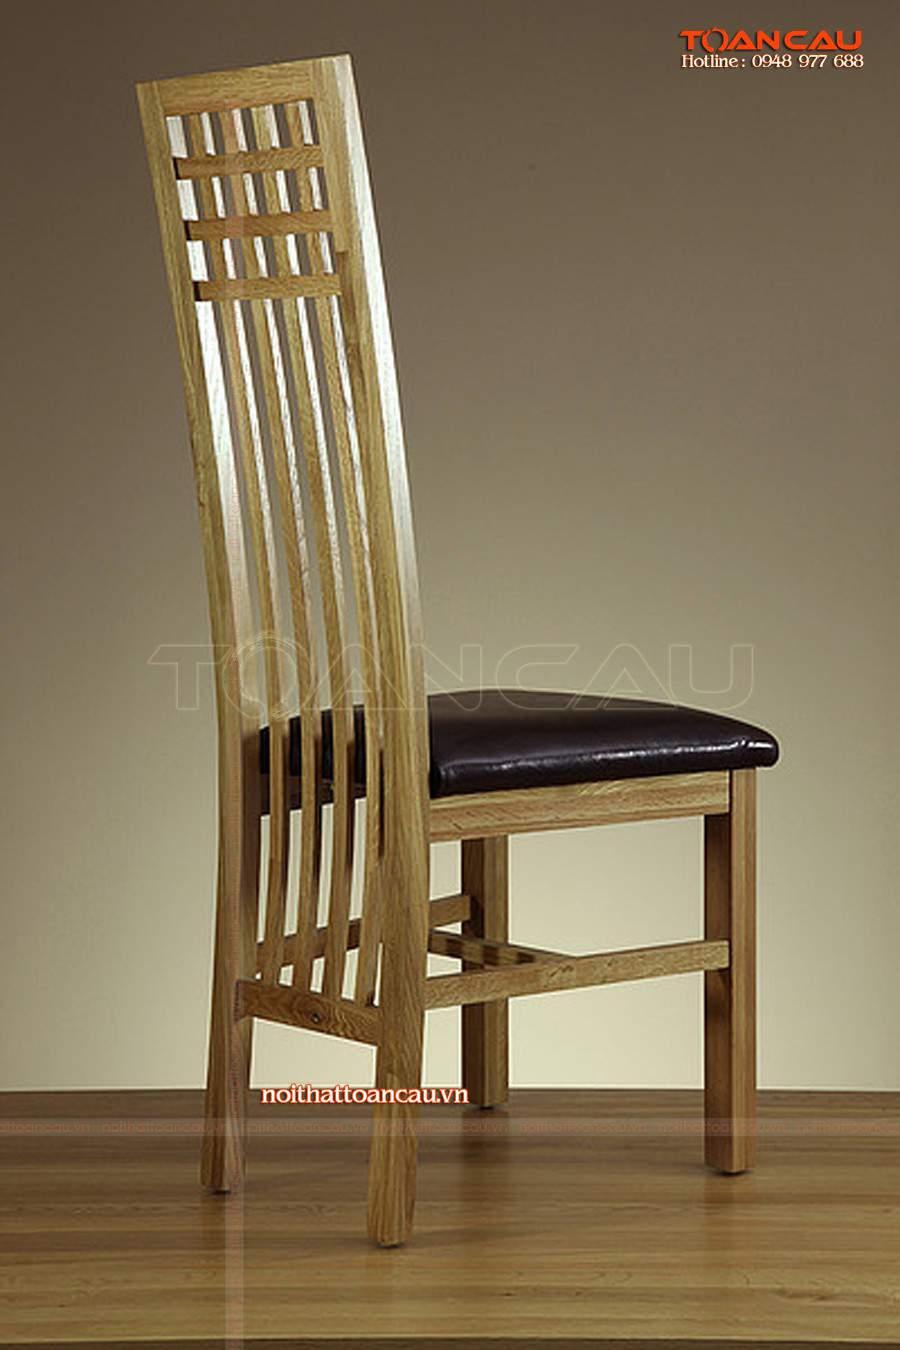 Ghế gỗ không thể thiếu đối với gia đình hiện đại